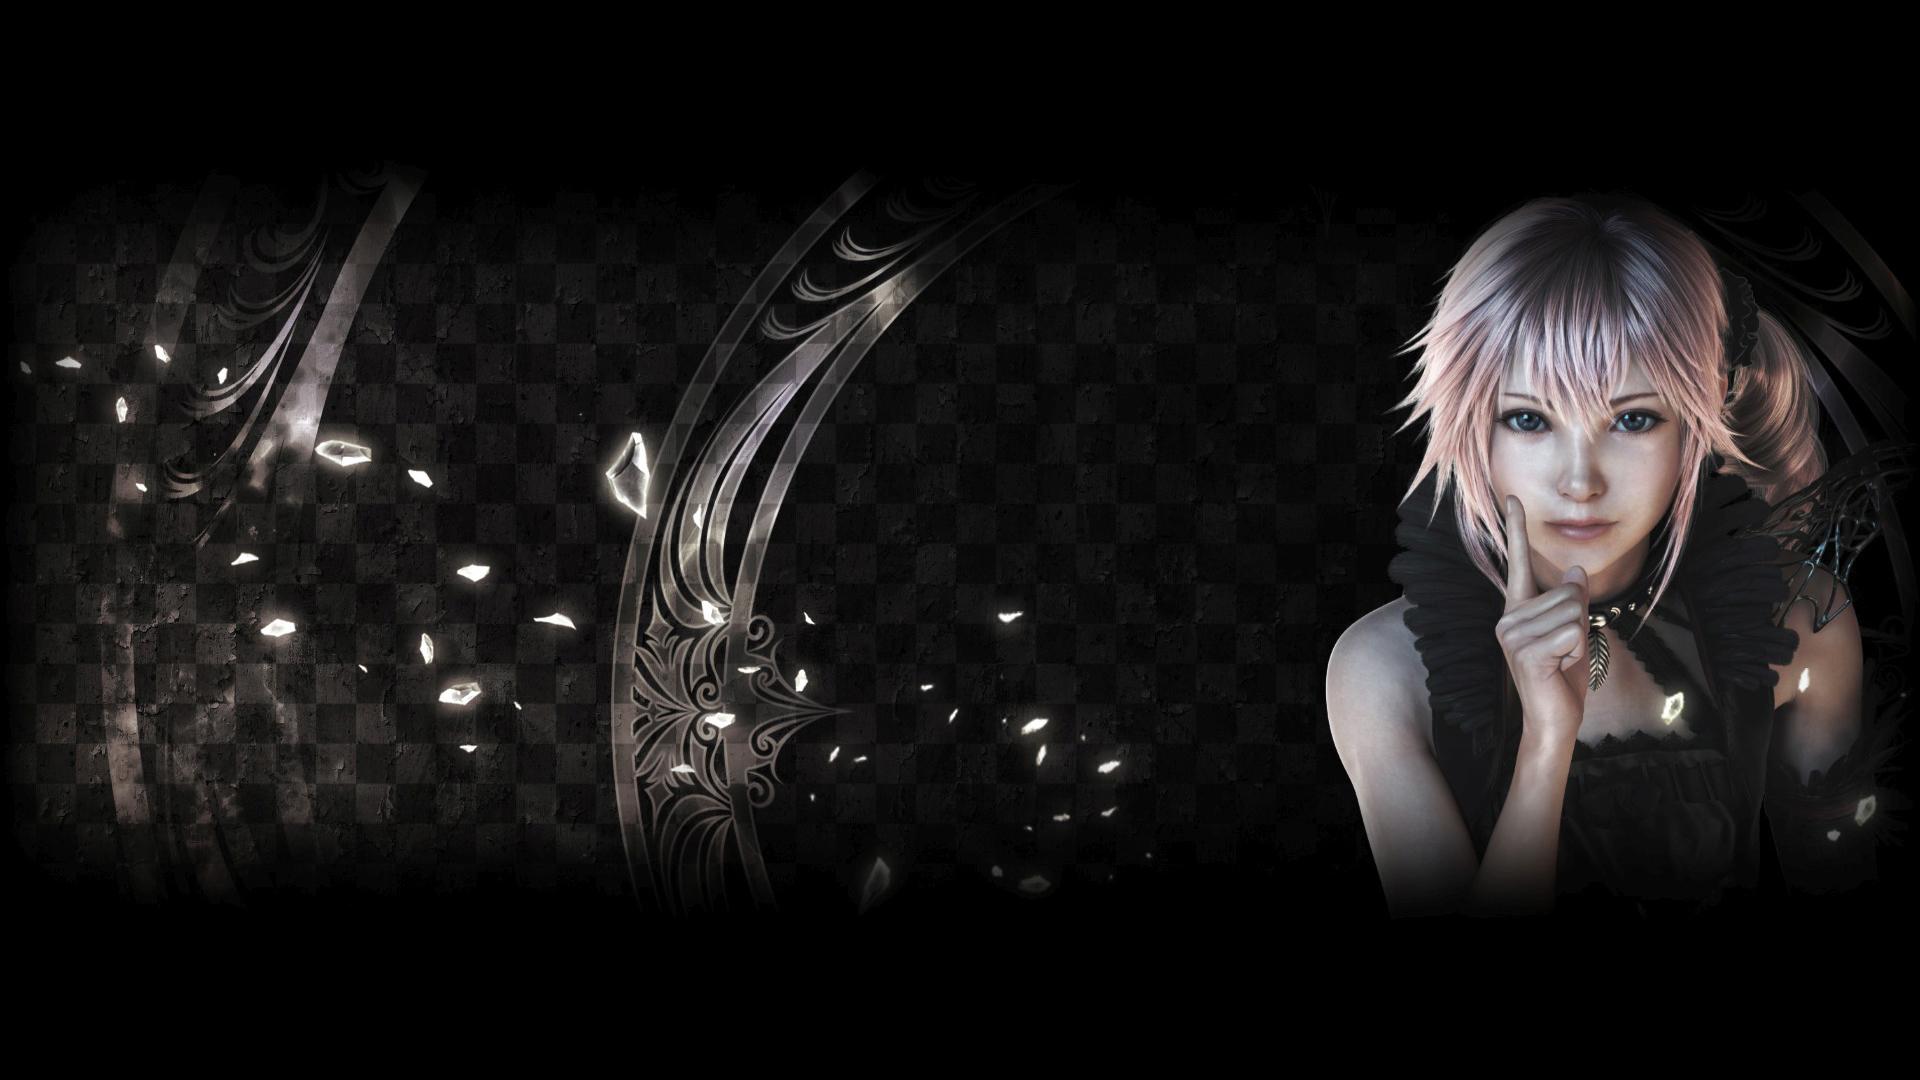 Final Fantasy Xiii Lightning Returns Wallpaper 004 Lumina